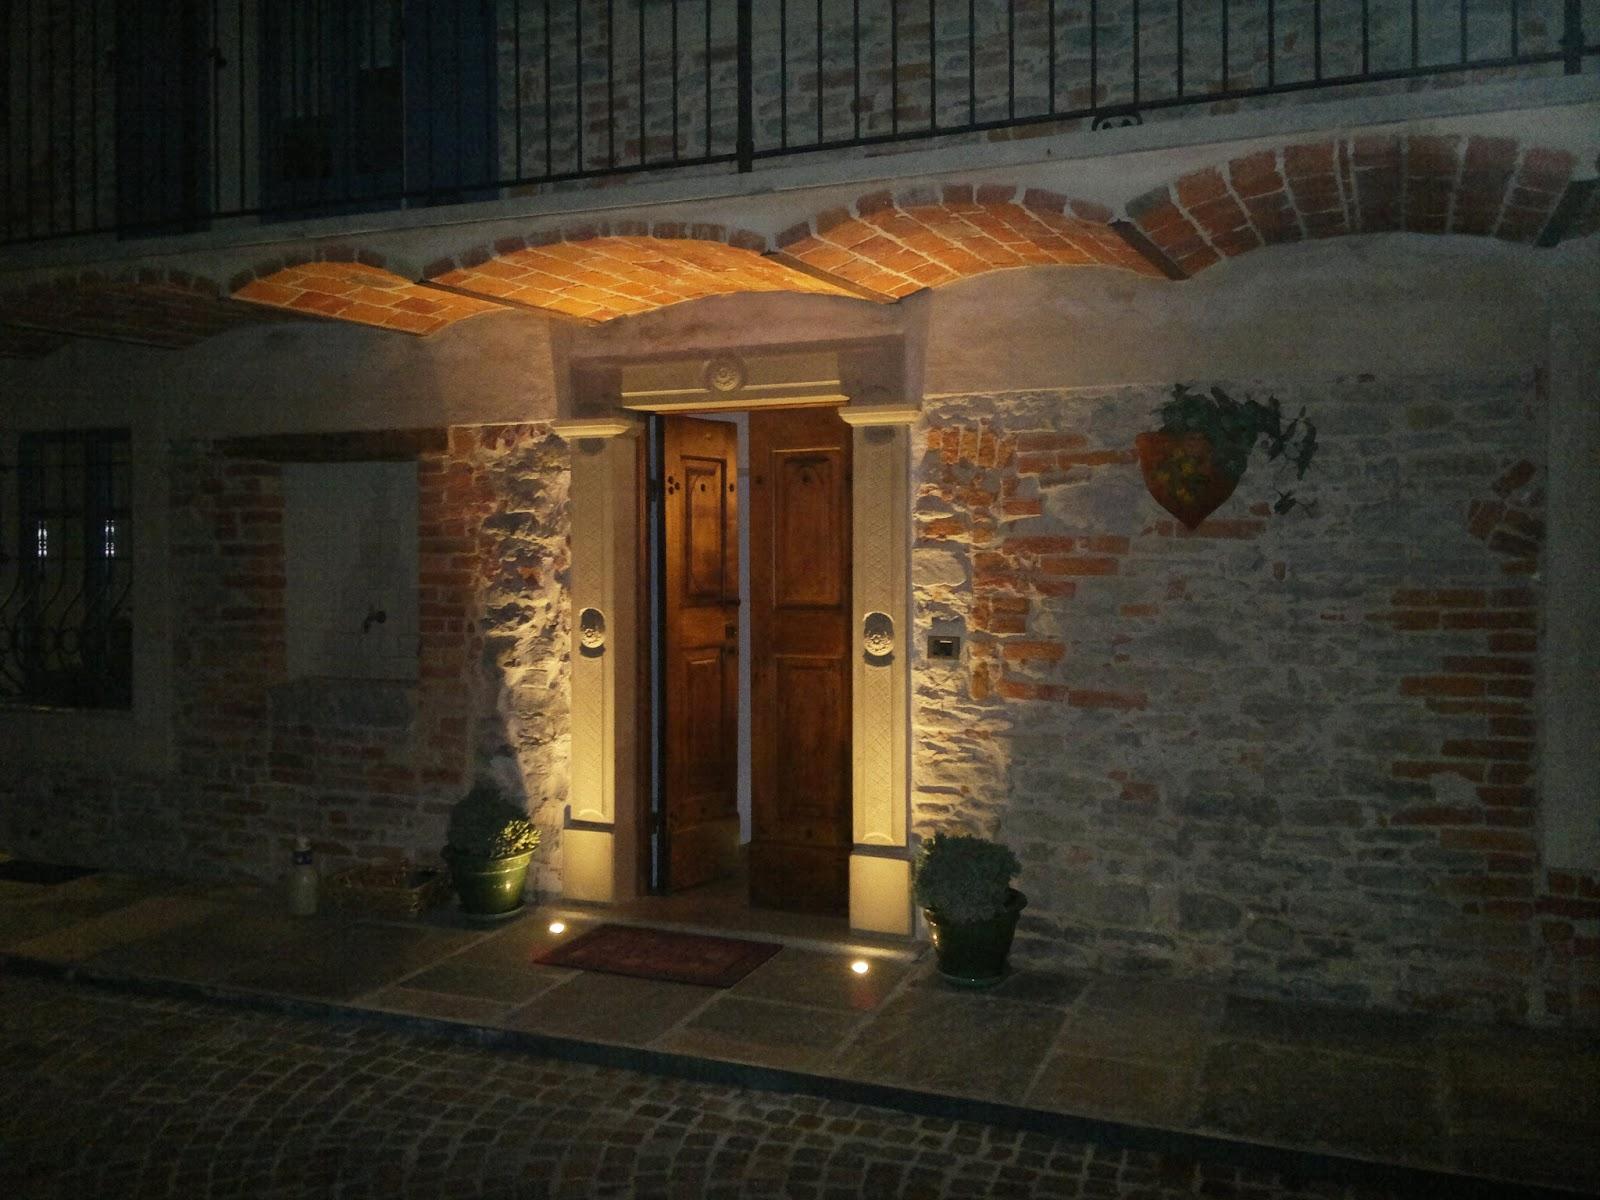 Illuminazione led casa - Illuminazione esterna casa ...